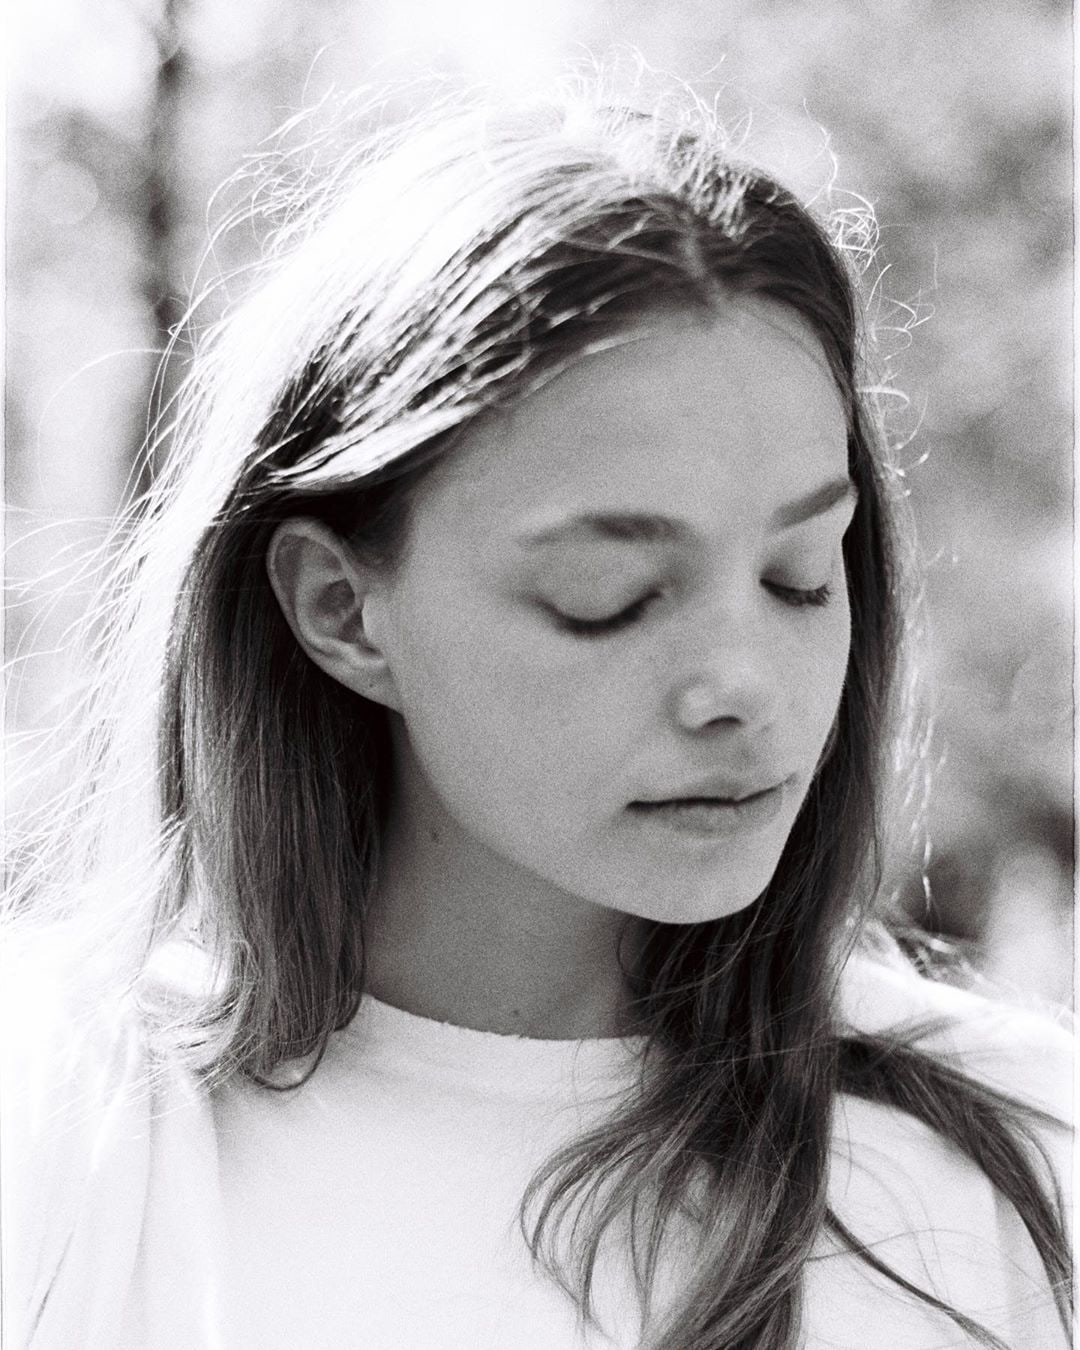 Kristine Froseth by Richard Eriksen